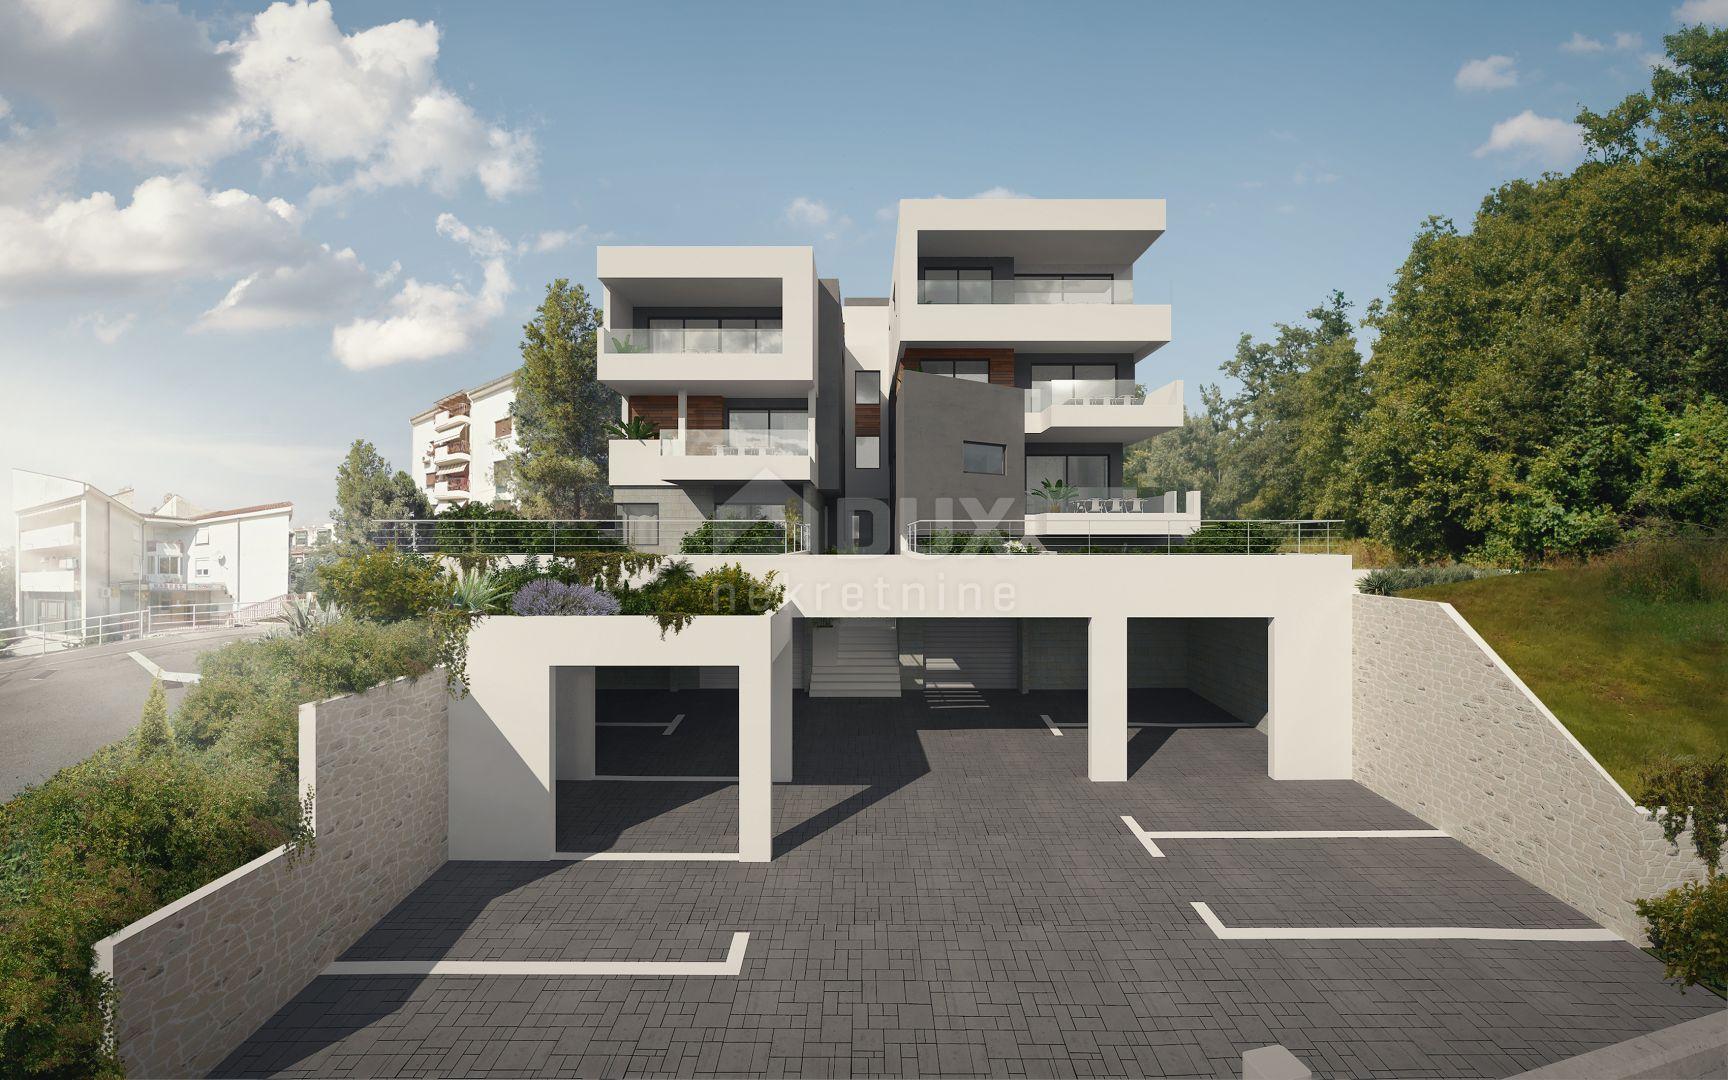 MARČELJEVA DRAGA - luksuzna novogradnja - 3S+DB stan na prvom katu površine 88,50 m2